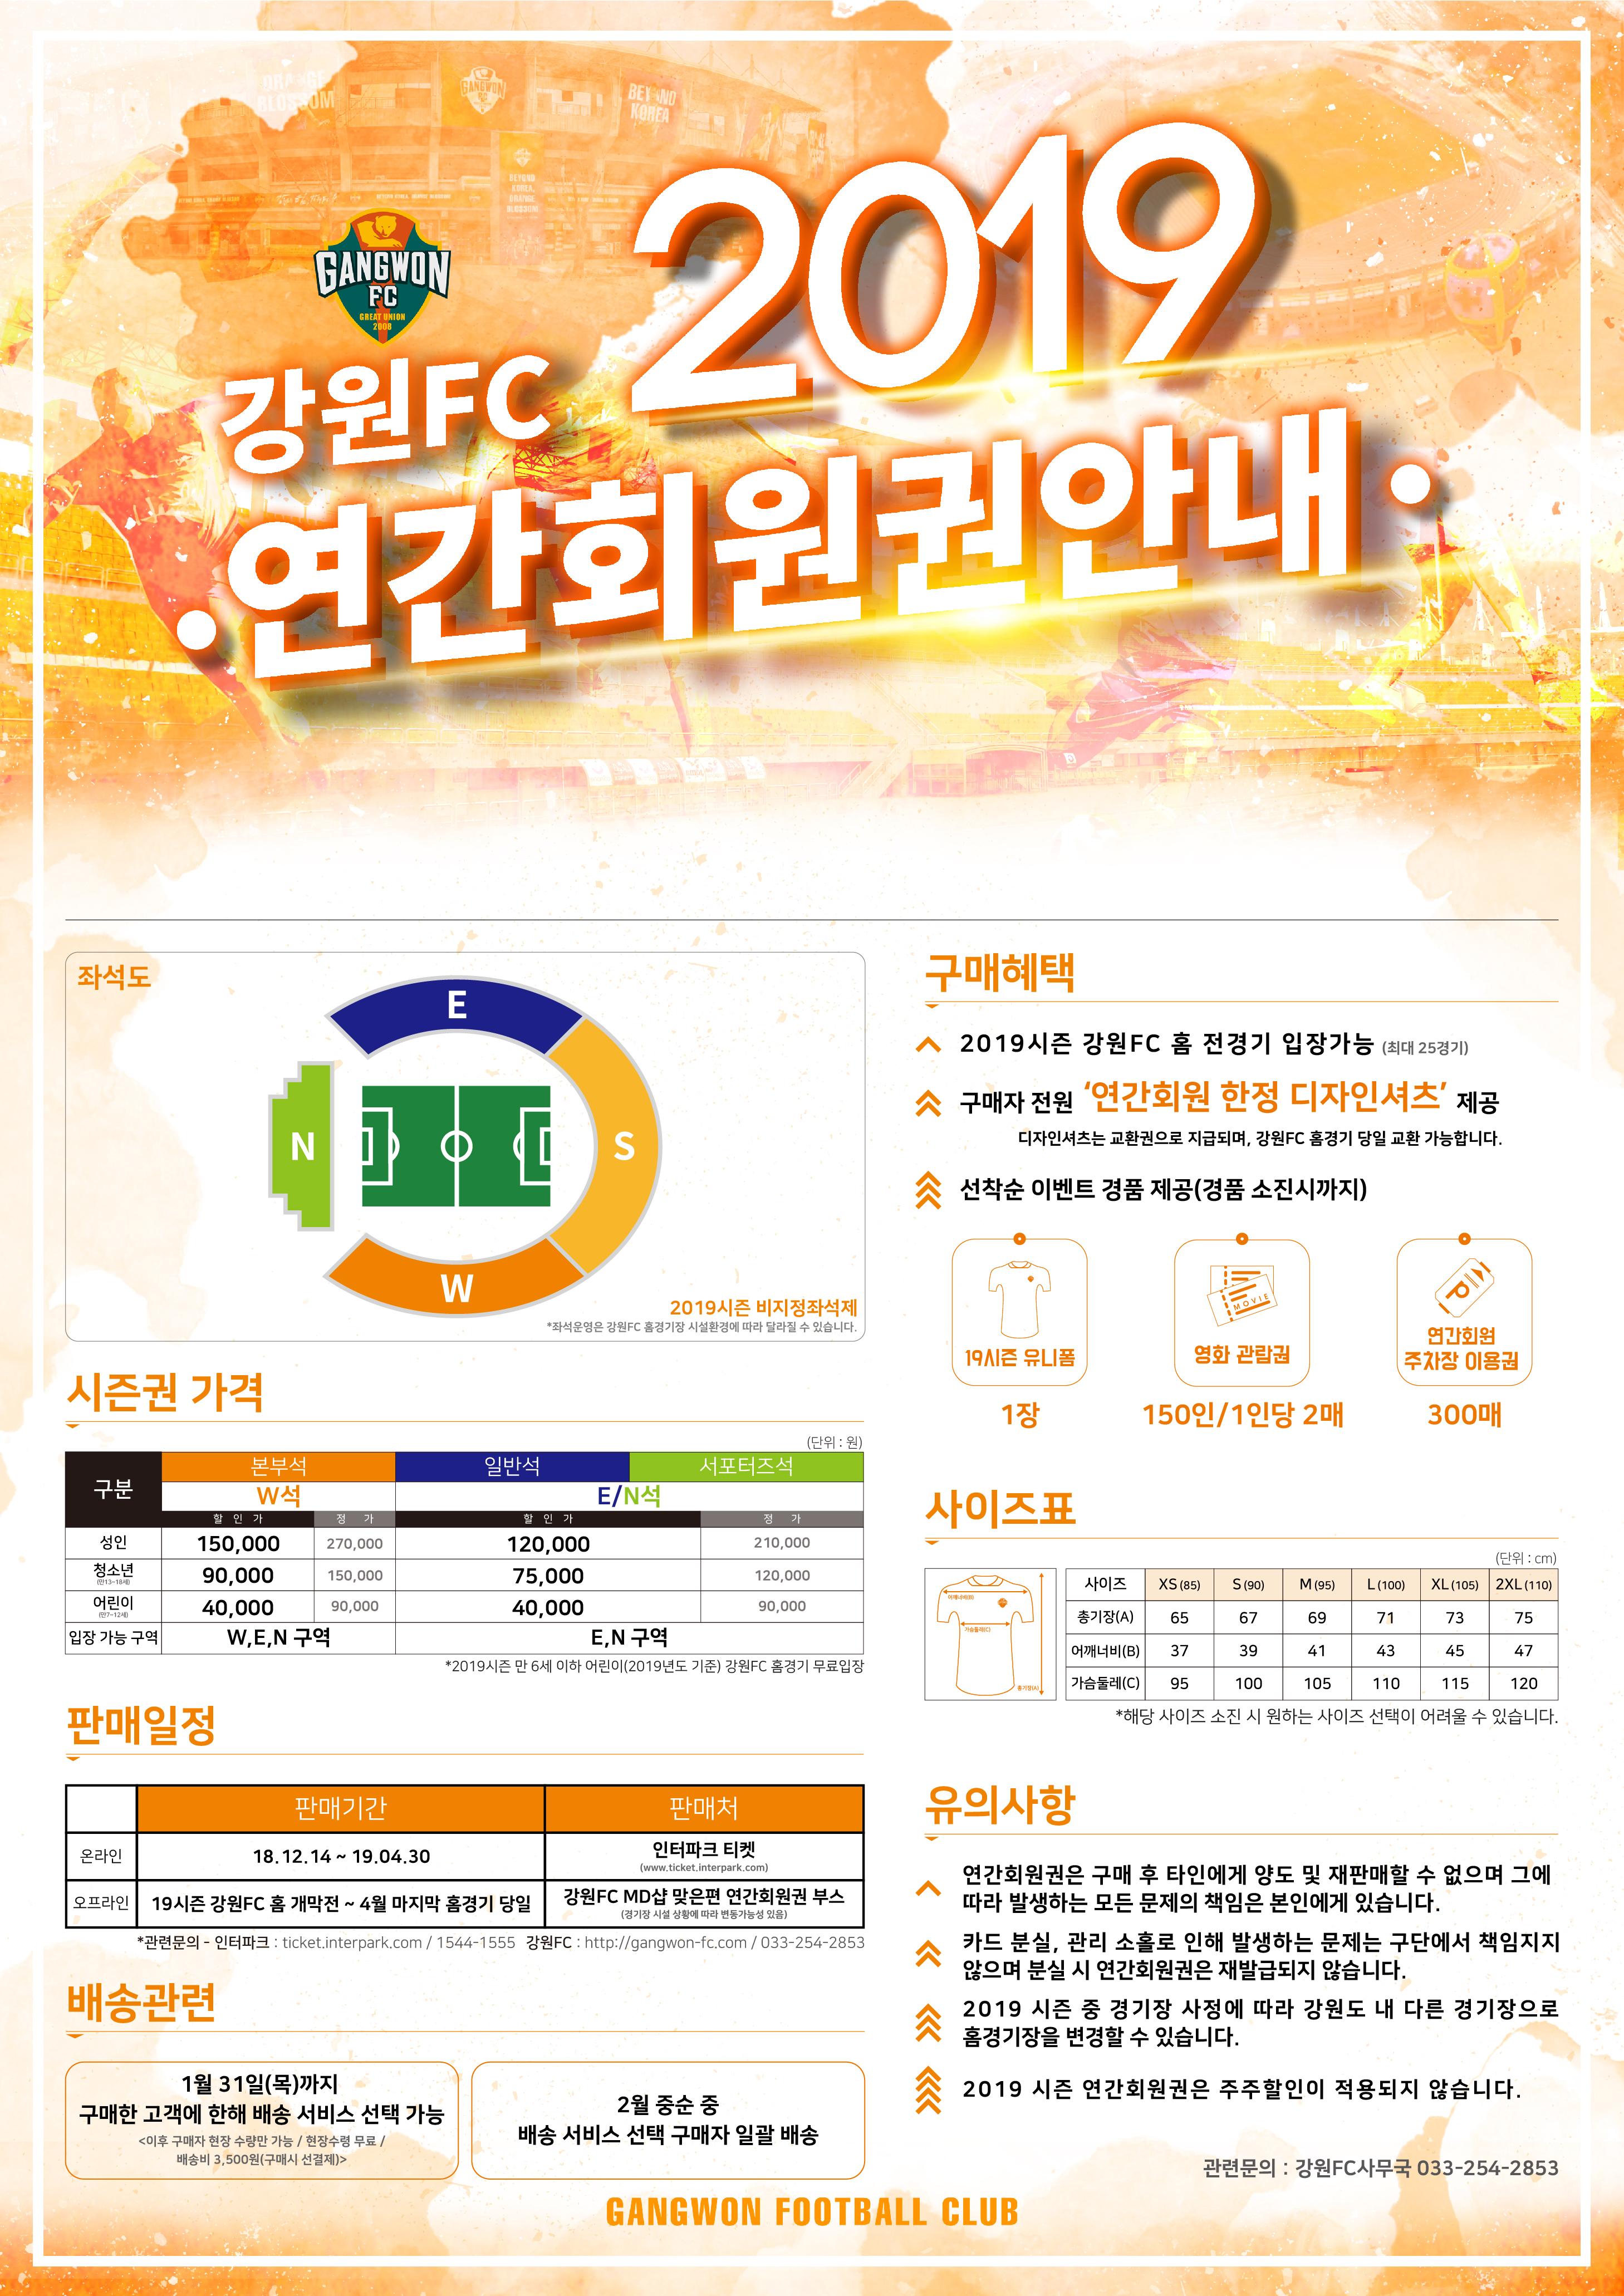 [강원FC 2019시즌 연간회원권 판매 안내문]